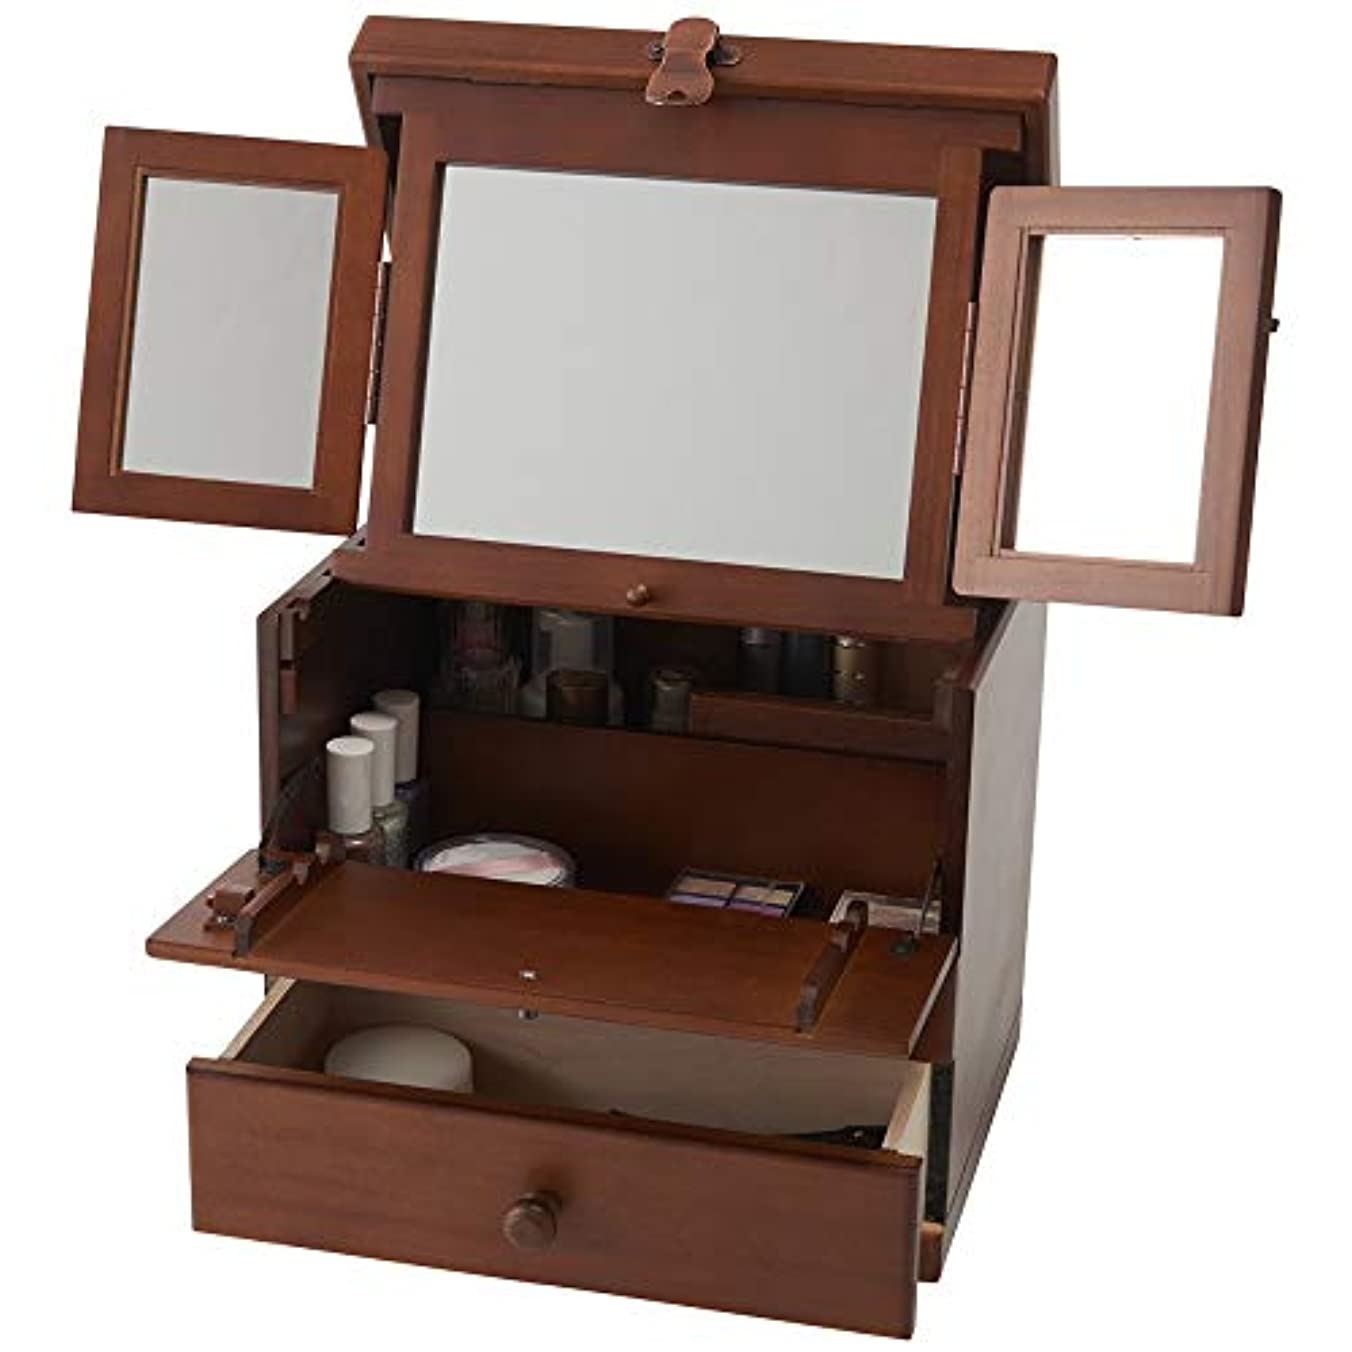 木製コスメボックス 三面鏡 持ち運び 鏡付き 化粧ボックス メイクボックス 日本製